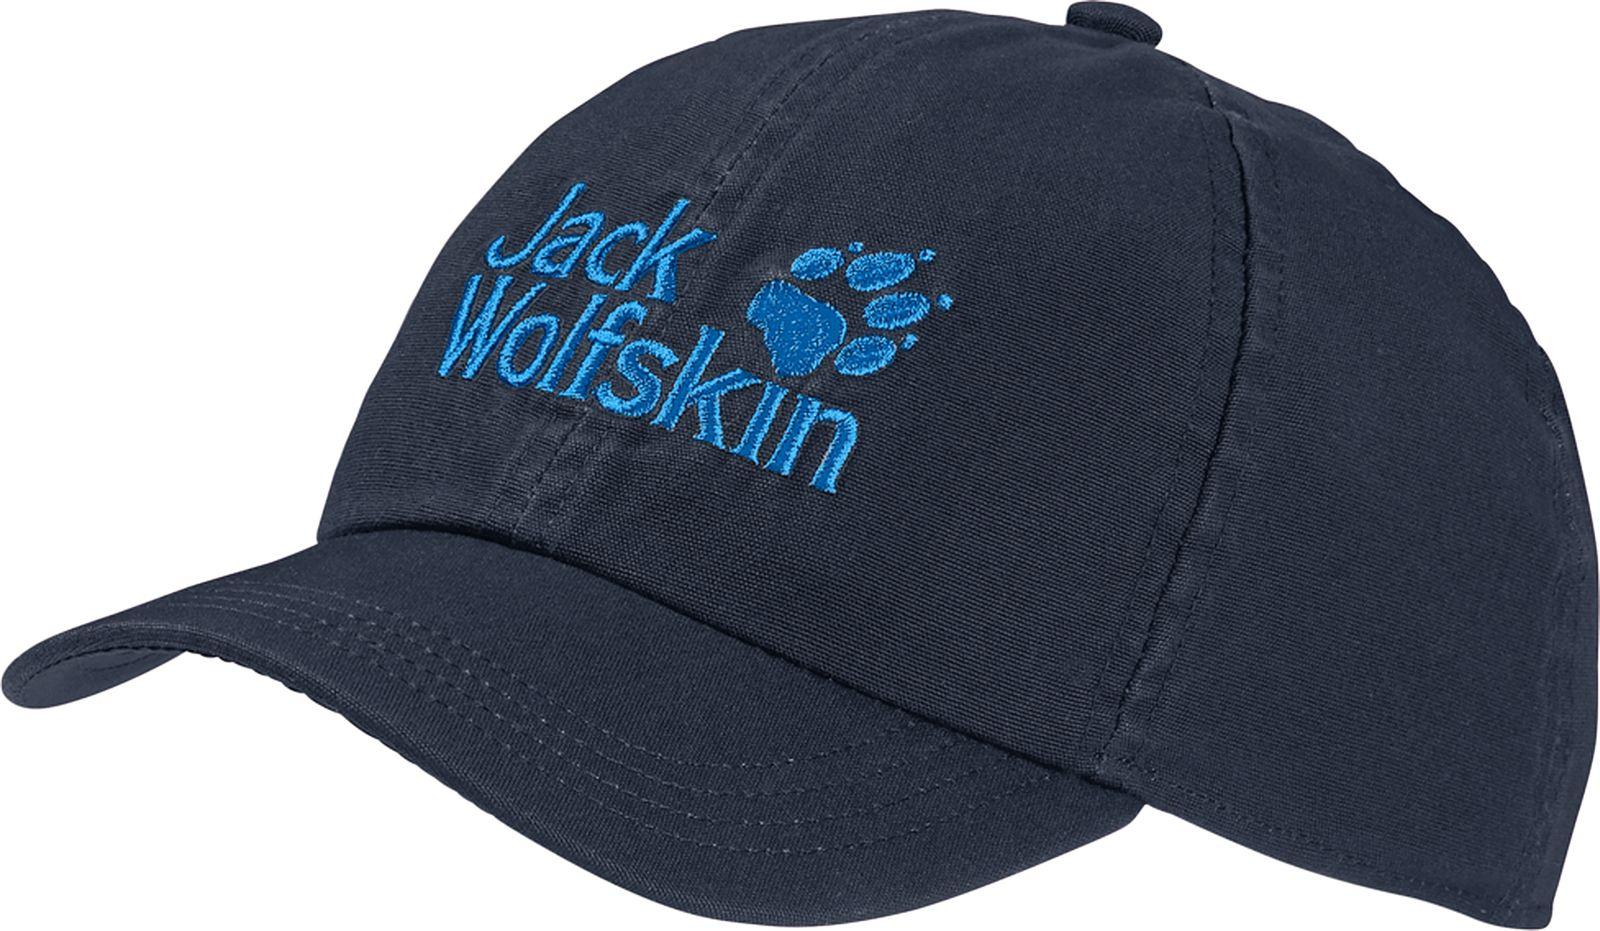 Бейсболка Jack Wolfskin бейсболка puma sf ls baseball cap цвет темно оливковый 02177602 размер универсальный